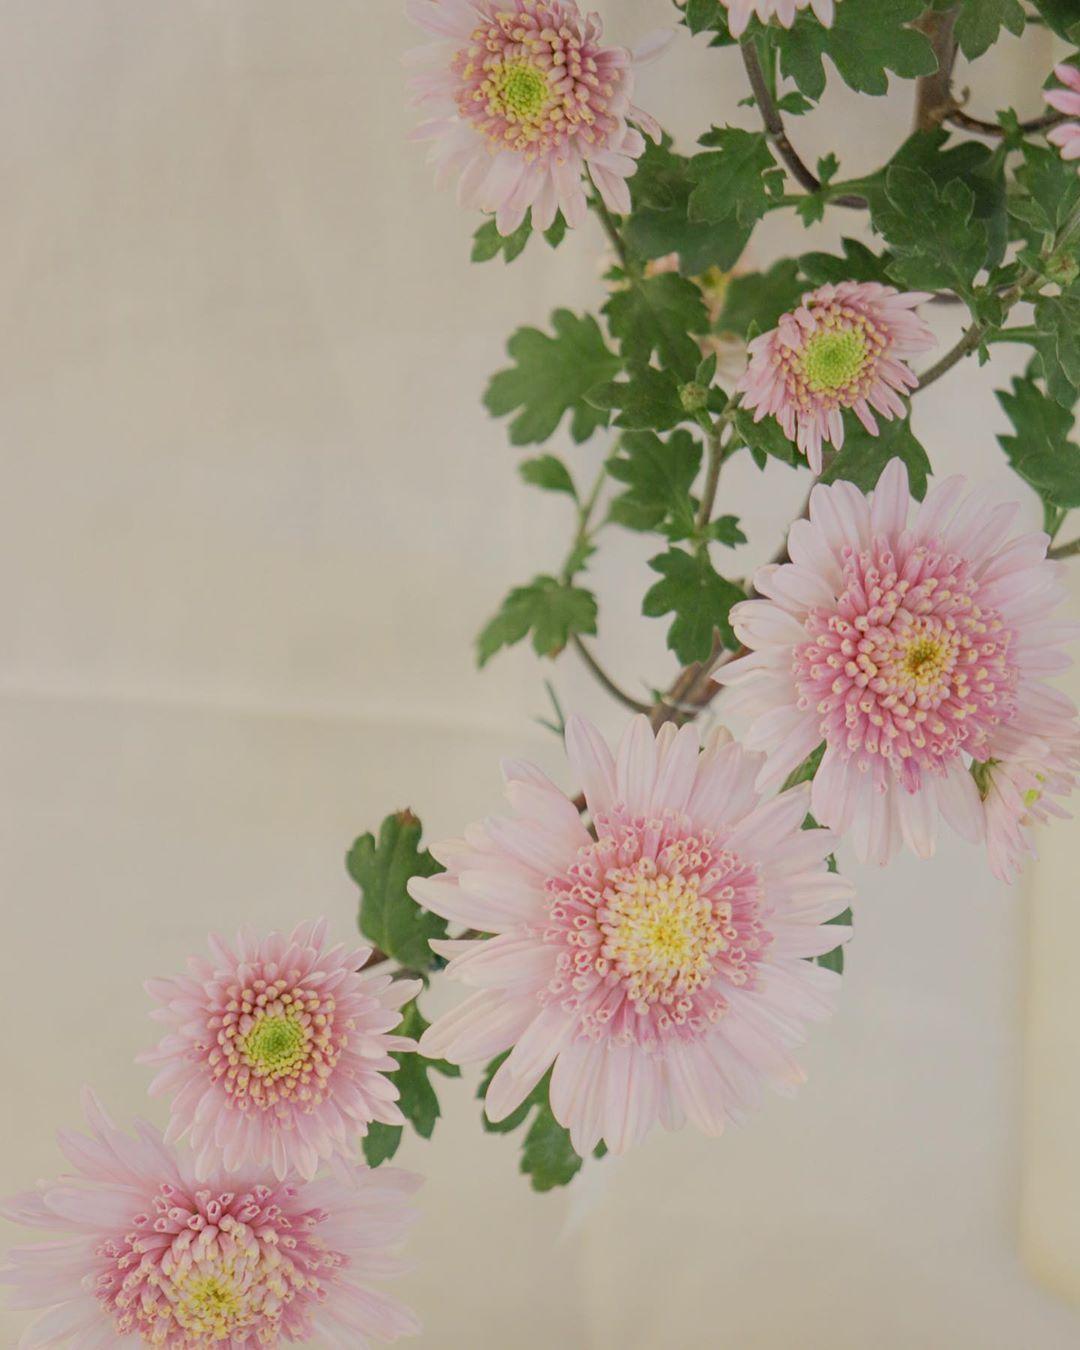 ・ 今日も菊です🌼 小さい花たちです ・ 白い布の折り目が…😂 ・ ・  canon EOS kiss X9i ・ ・ #カメラ日本の輪 #北海道ミライノート #東京カメラ部 #Hokkaidolikers #Hokkaidolabo #hokkaido_life #my_eos_photo #daily_photo_japan #lovers_nippon #photo_jpn #japan_daytime_view #team_jp #japan_photo_now #japan_bestpic #explorejapan #jalan_travel #pooloftime #haveanicephoto #flowerstagram  #flowerphotography  #flowerpic  #flower_beauties_  #flowers_shotz  #chrythesanmum